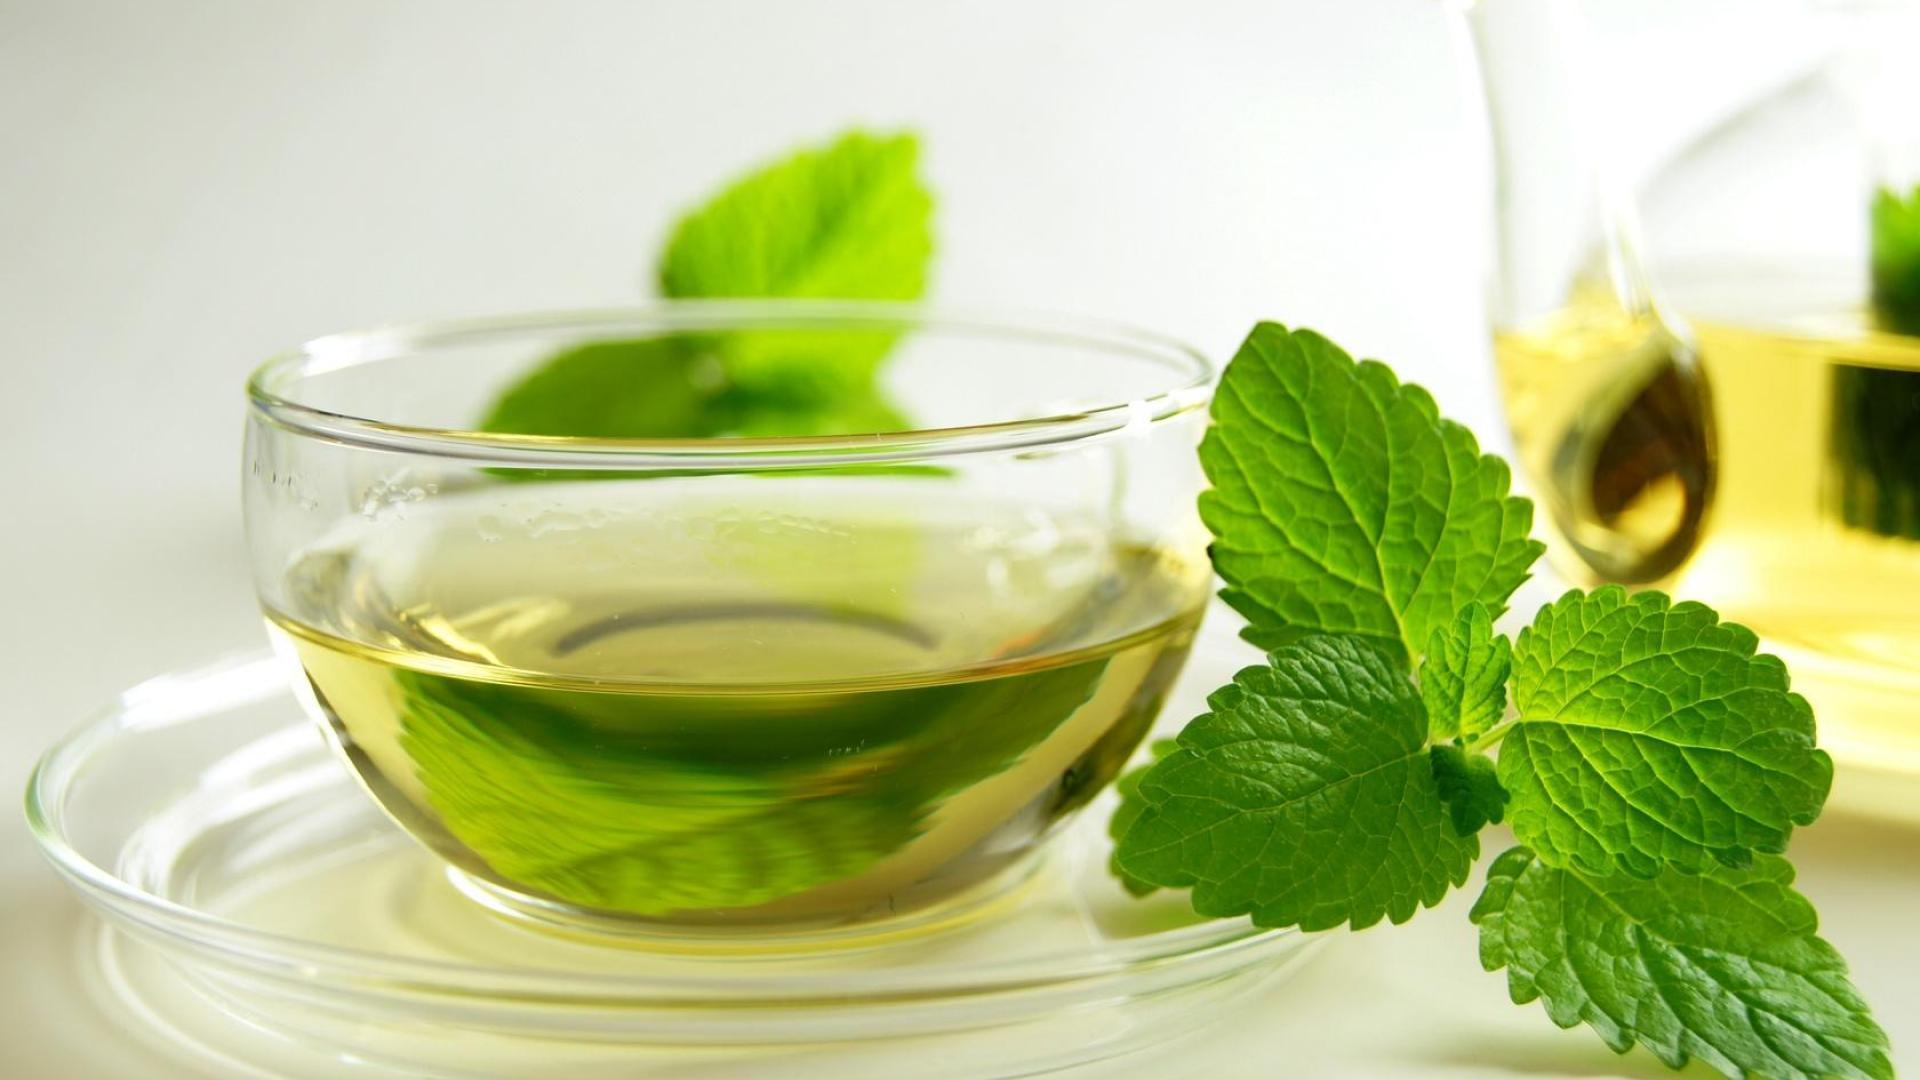 چربی سوزی و لاغری شکم و پهلو با چای نعناع ؛ چربی سوزی گیاهی